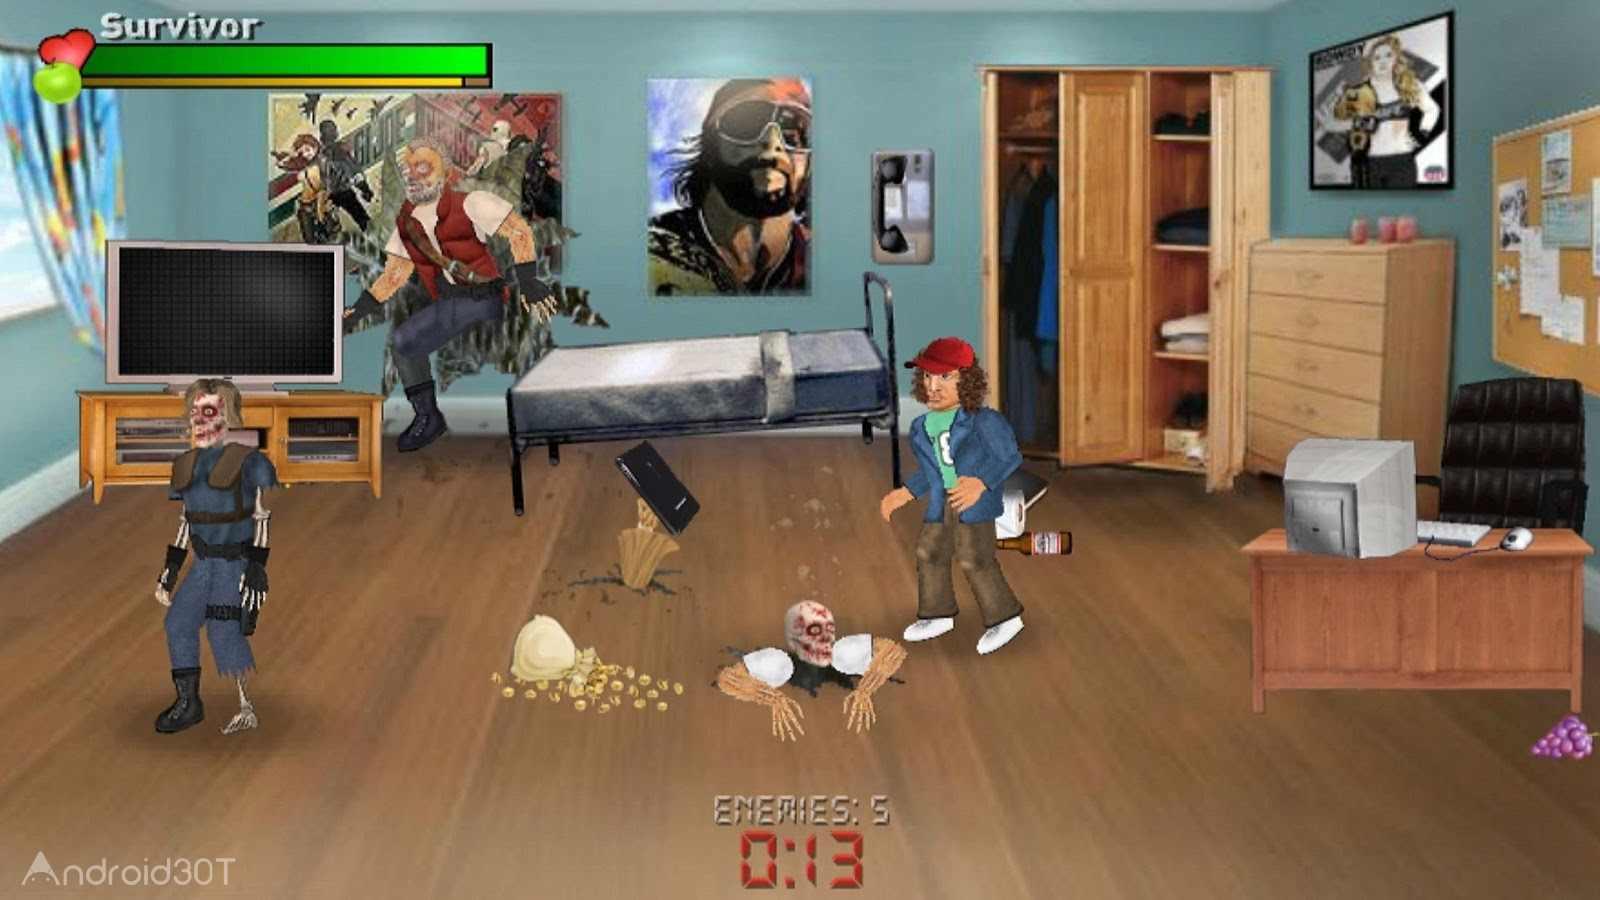 دانلود Extra Lives (Zombie Survival Sim) 1.110 – بازی بقا در برابر زامبی ها برای اندروید